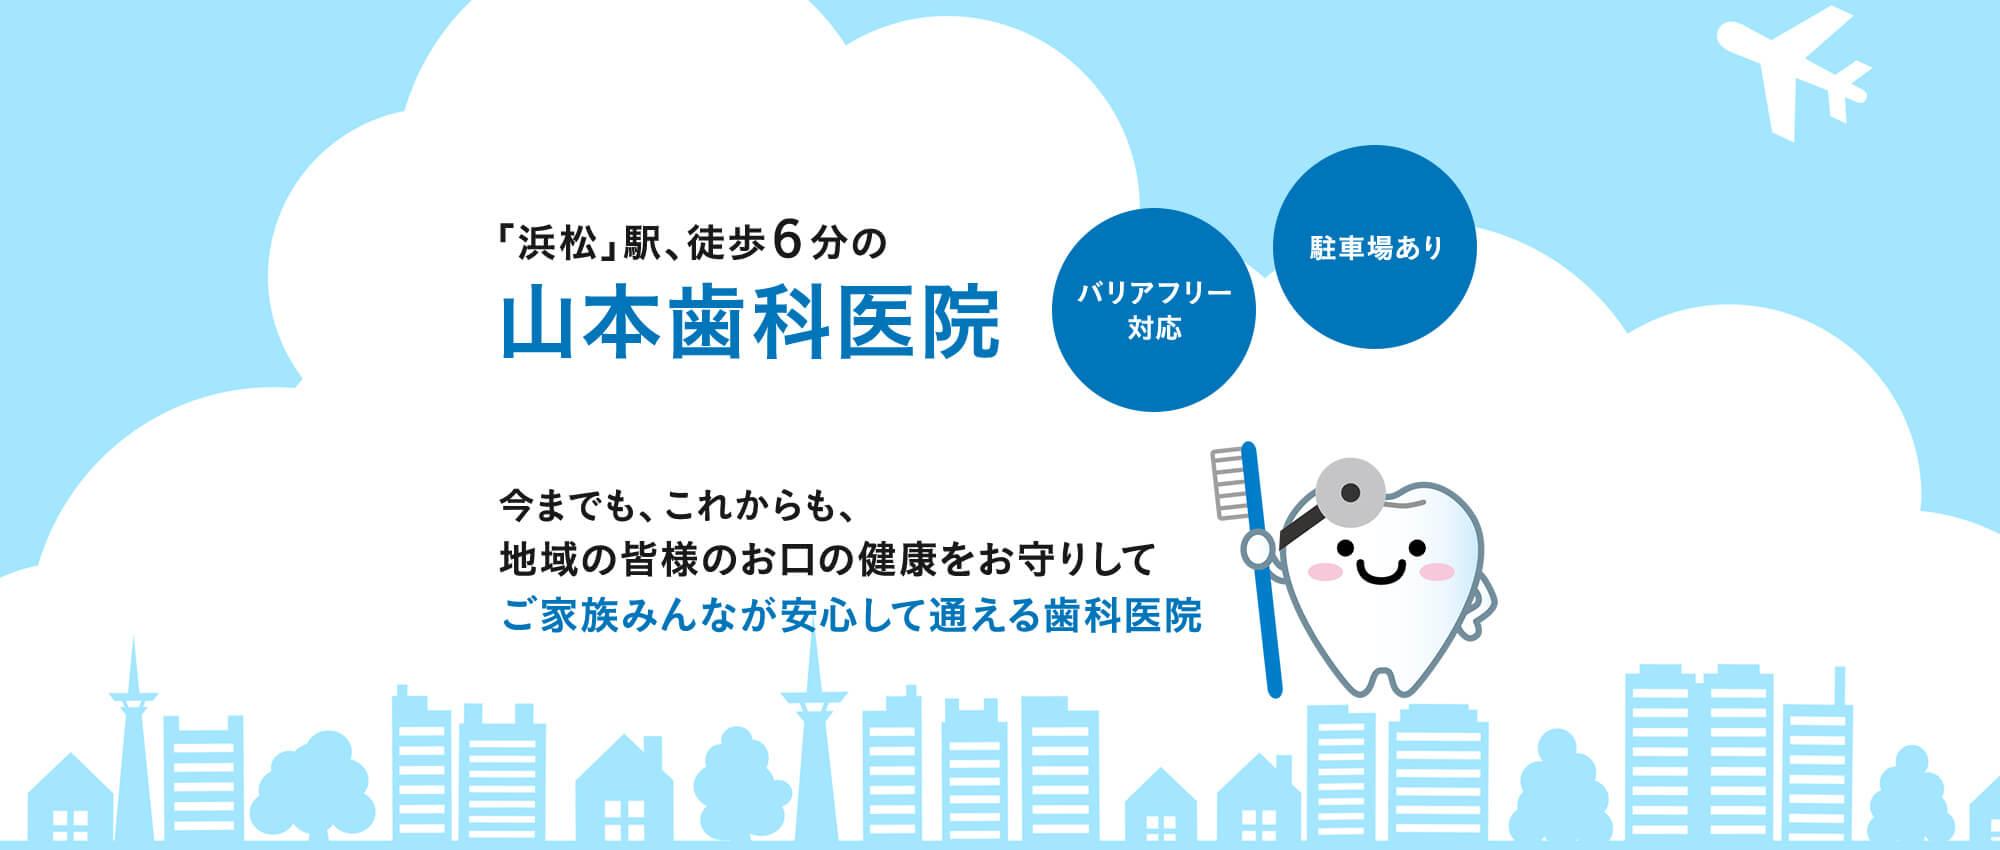 「浜松」駅、徒歩6分の山本歯科医院 今までも、これからも、地域の皆様のお口の健康をお守りしてご家族みんなが安心して通える歯科医院